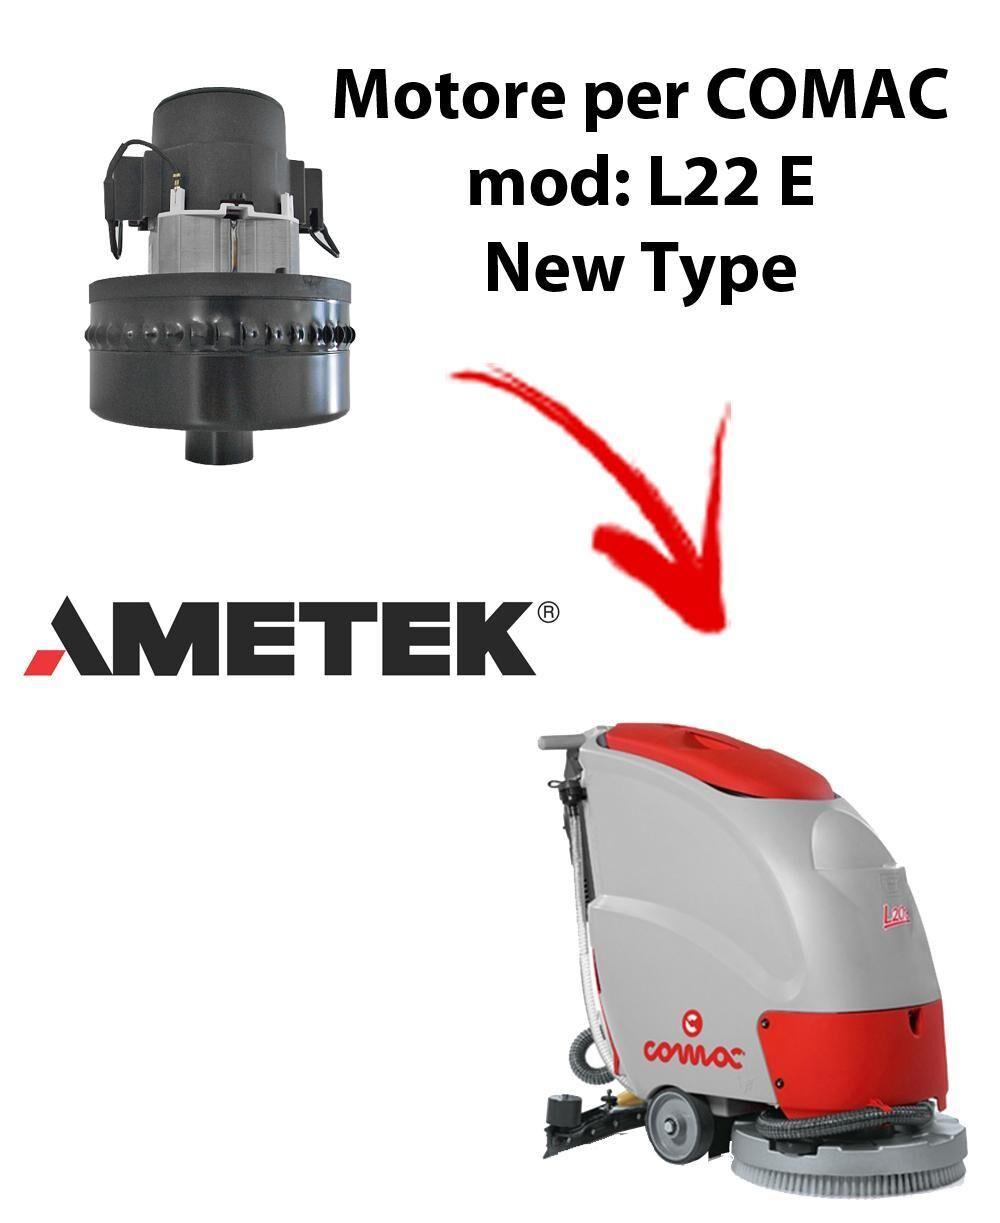 comac l22e new type motore aspirazione ametek per lavapavimenti